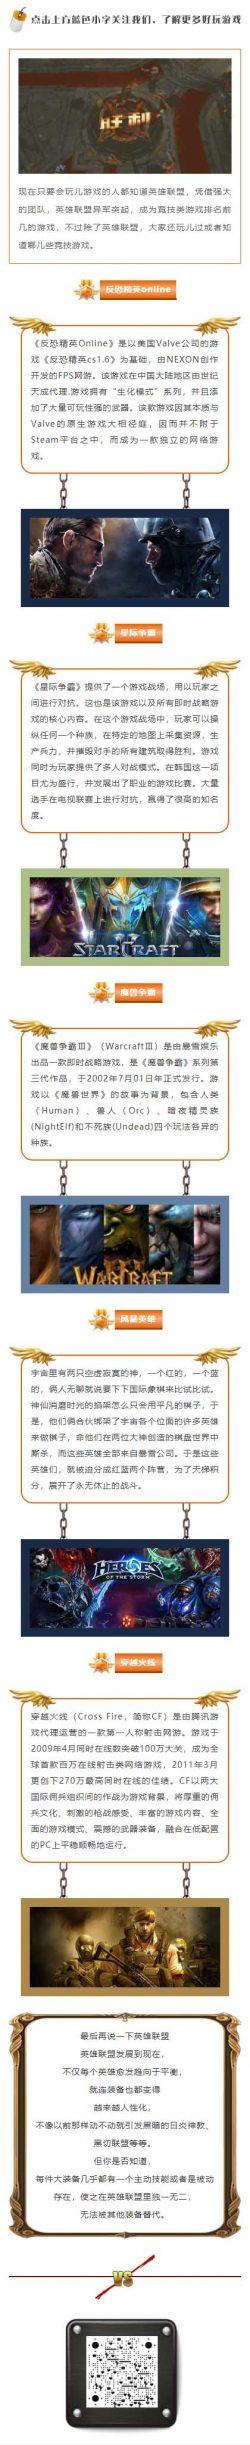 英雄联盟竞技游戏微信公众号推文模板推送素材